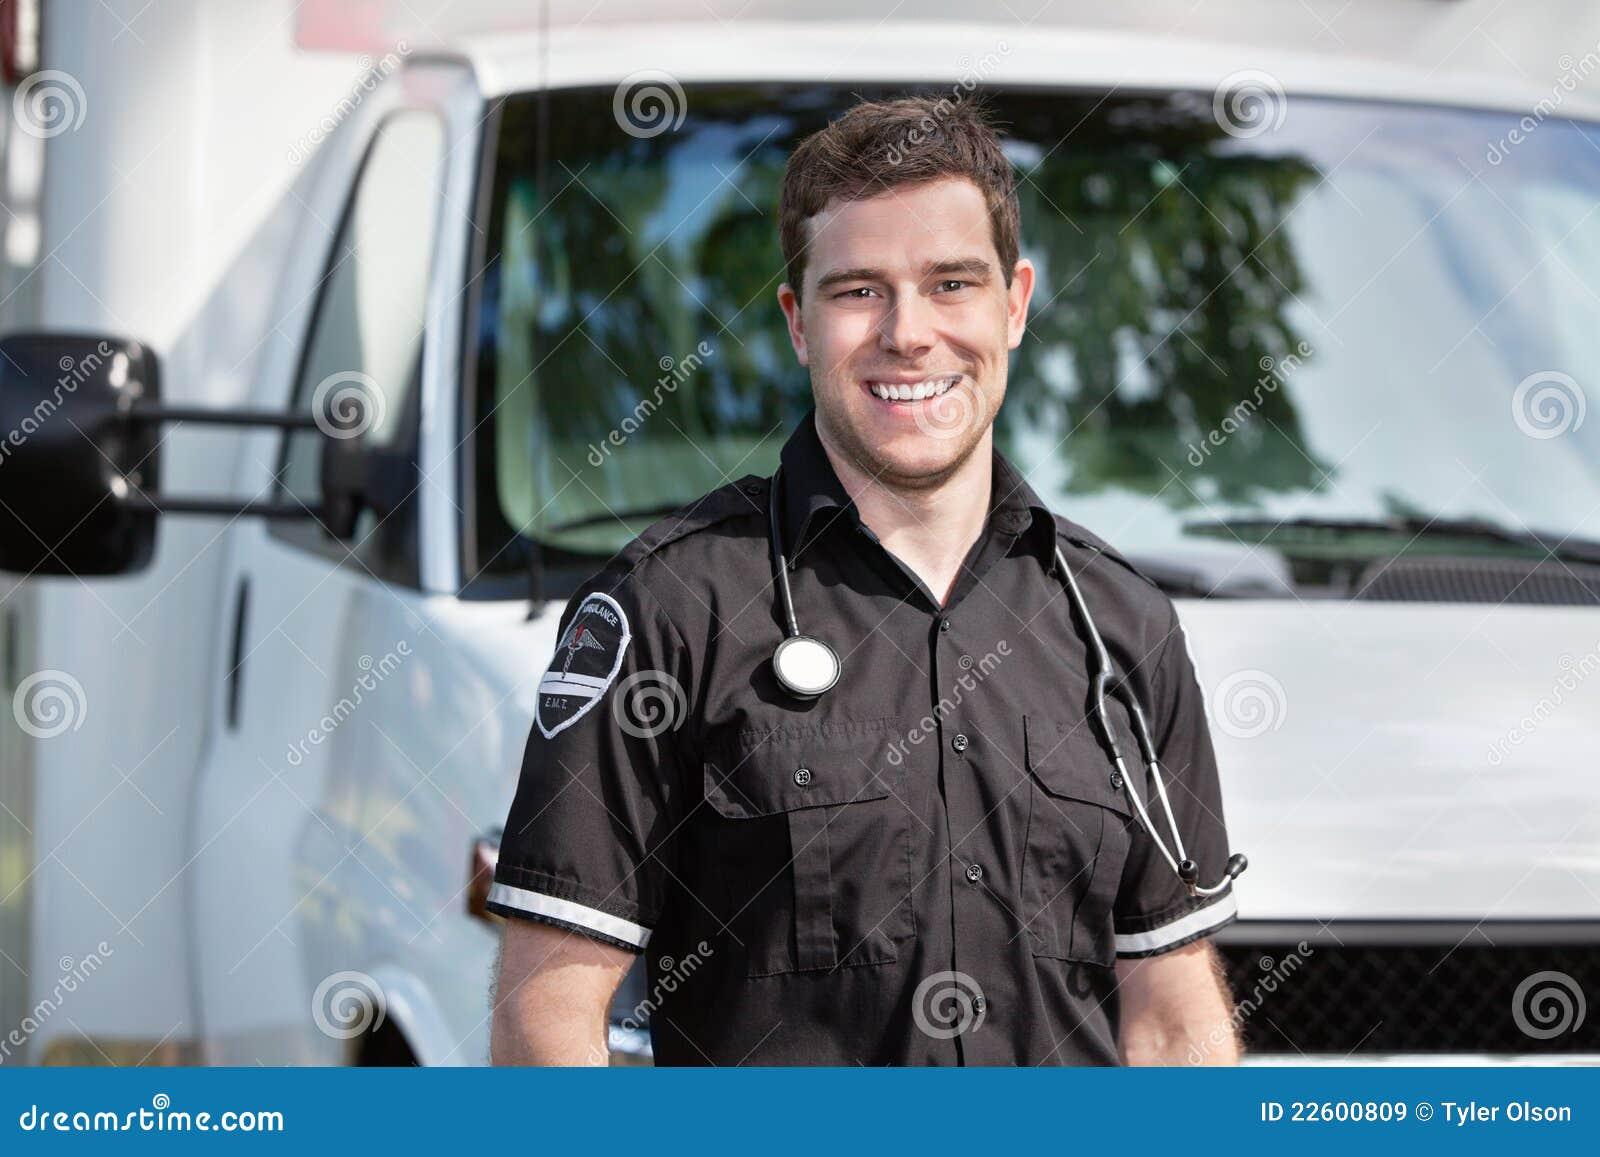 Paramedic Man Standing near Ambulance